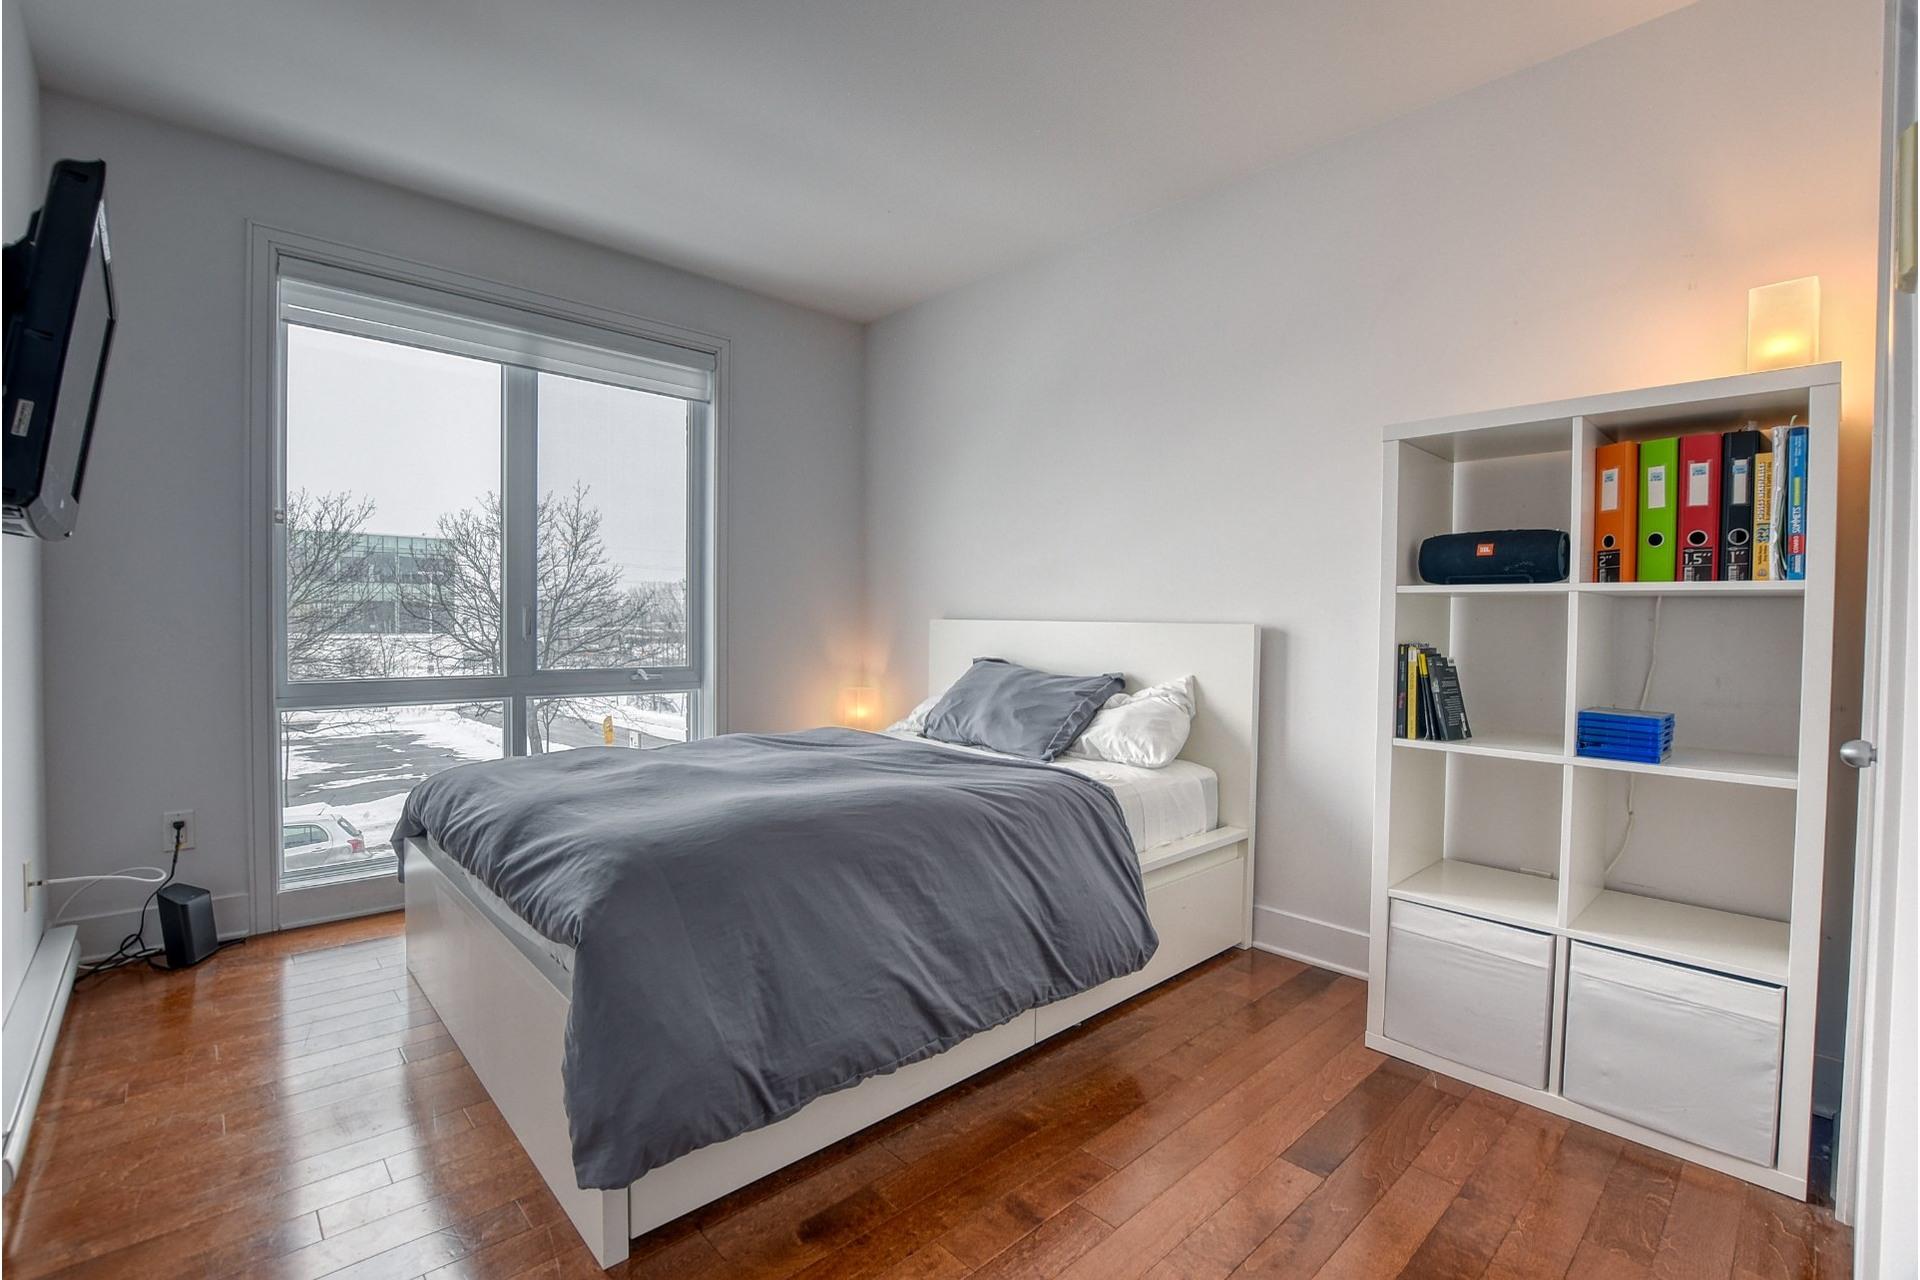 image 13 - Apartment For sale Ahuntsic-Cartierville Montréal  - 4 rooms